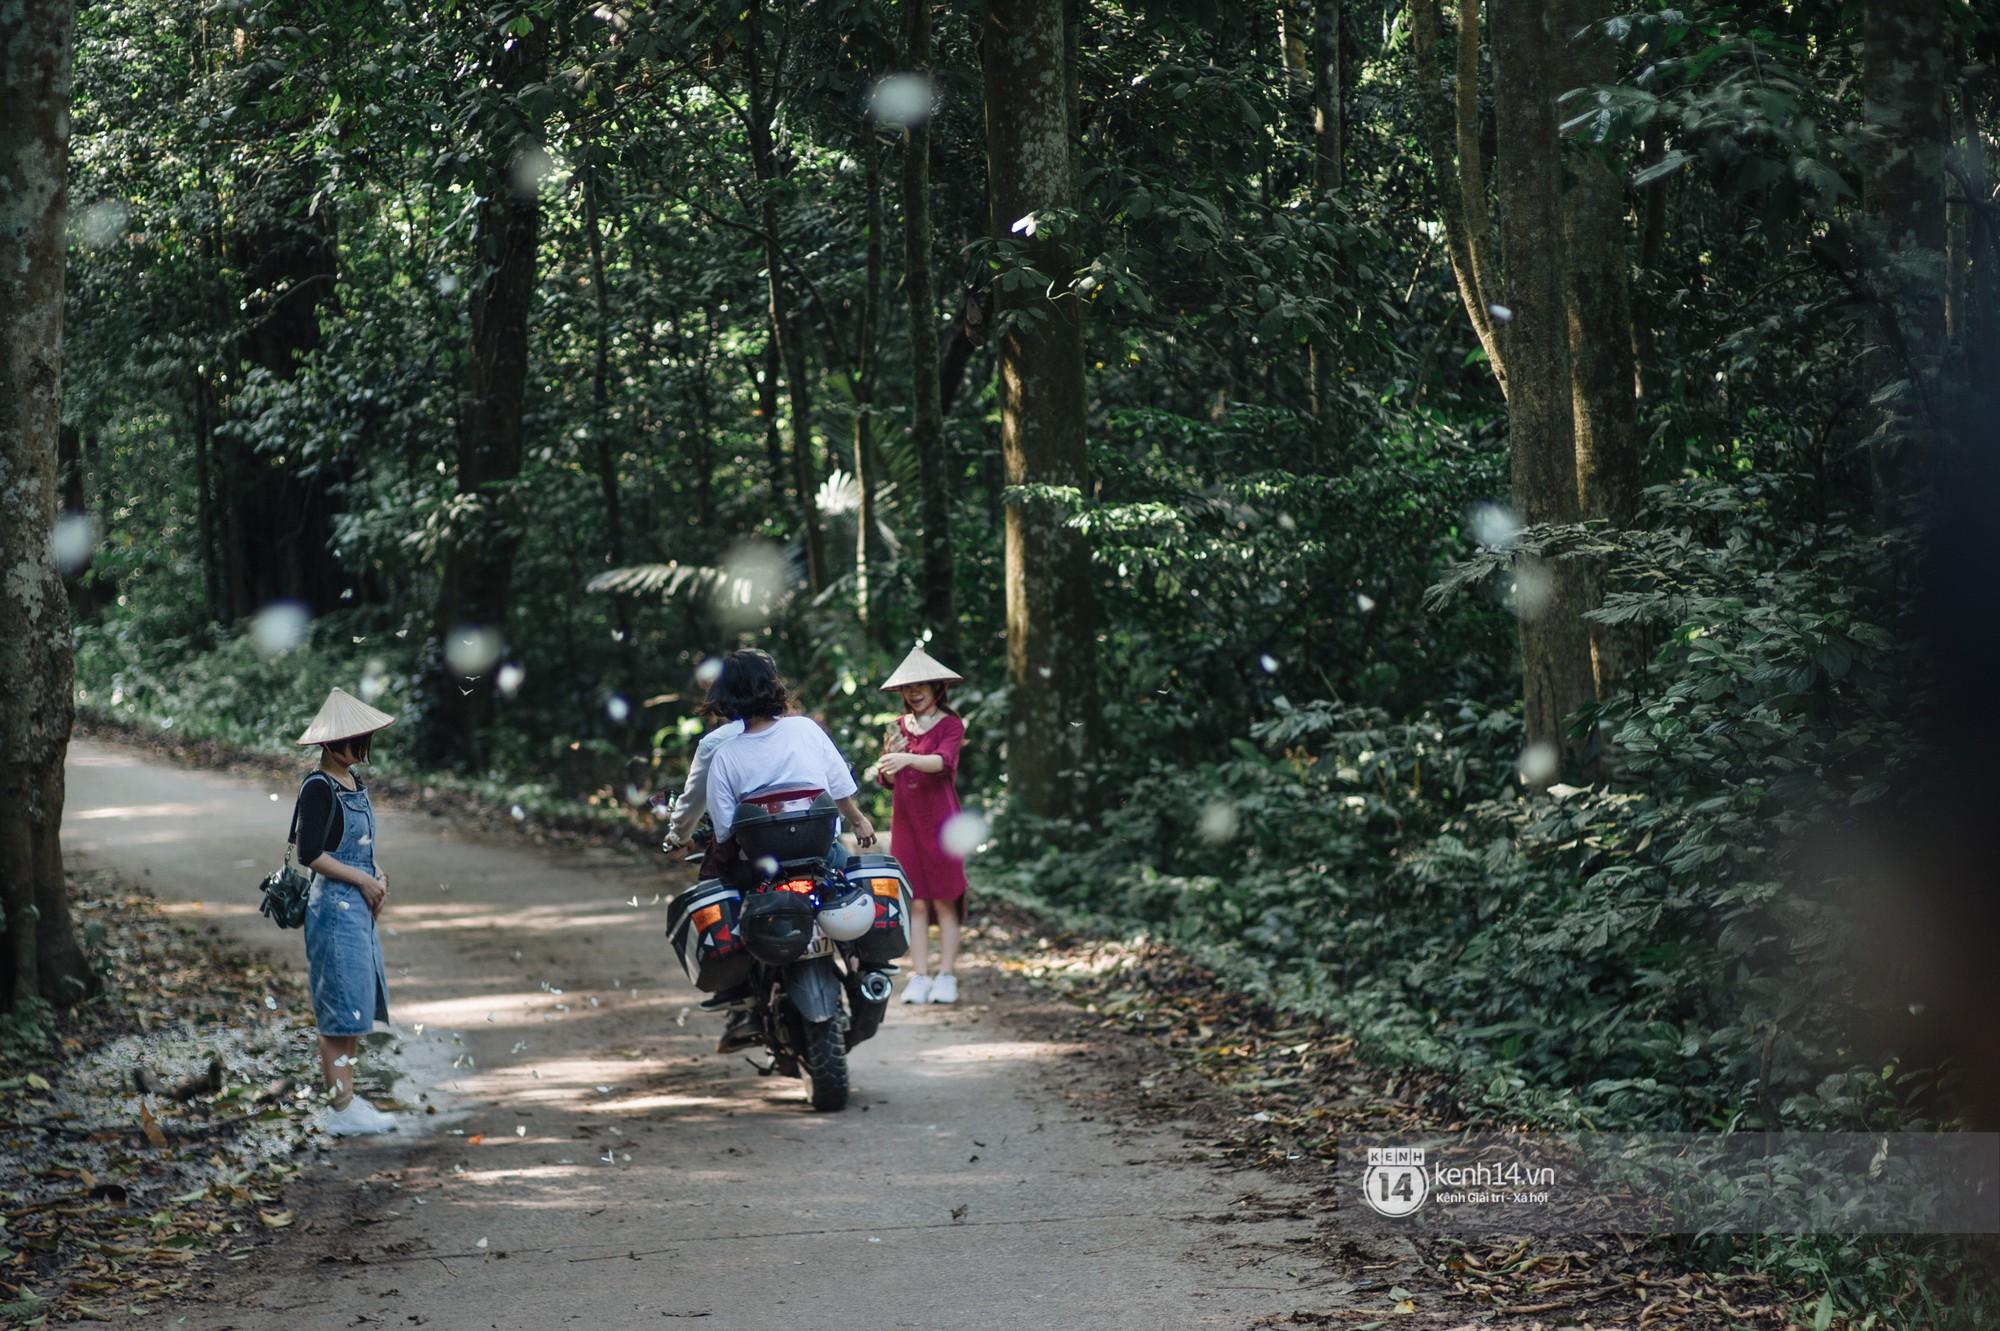 Chuyến đi Cúc Phương những ngày cuối mùa bướm rừng: Chốn thần tiên có vẻ đẹp riêng của sự muộn màng - Ảnh 4.